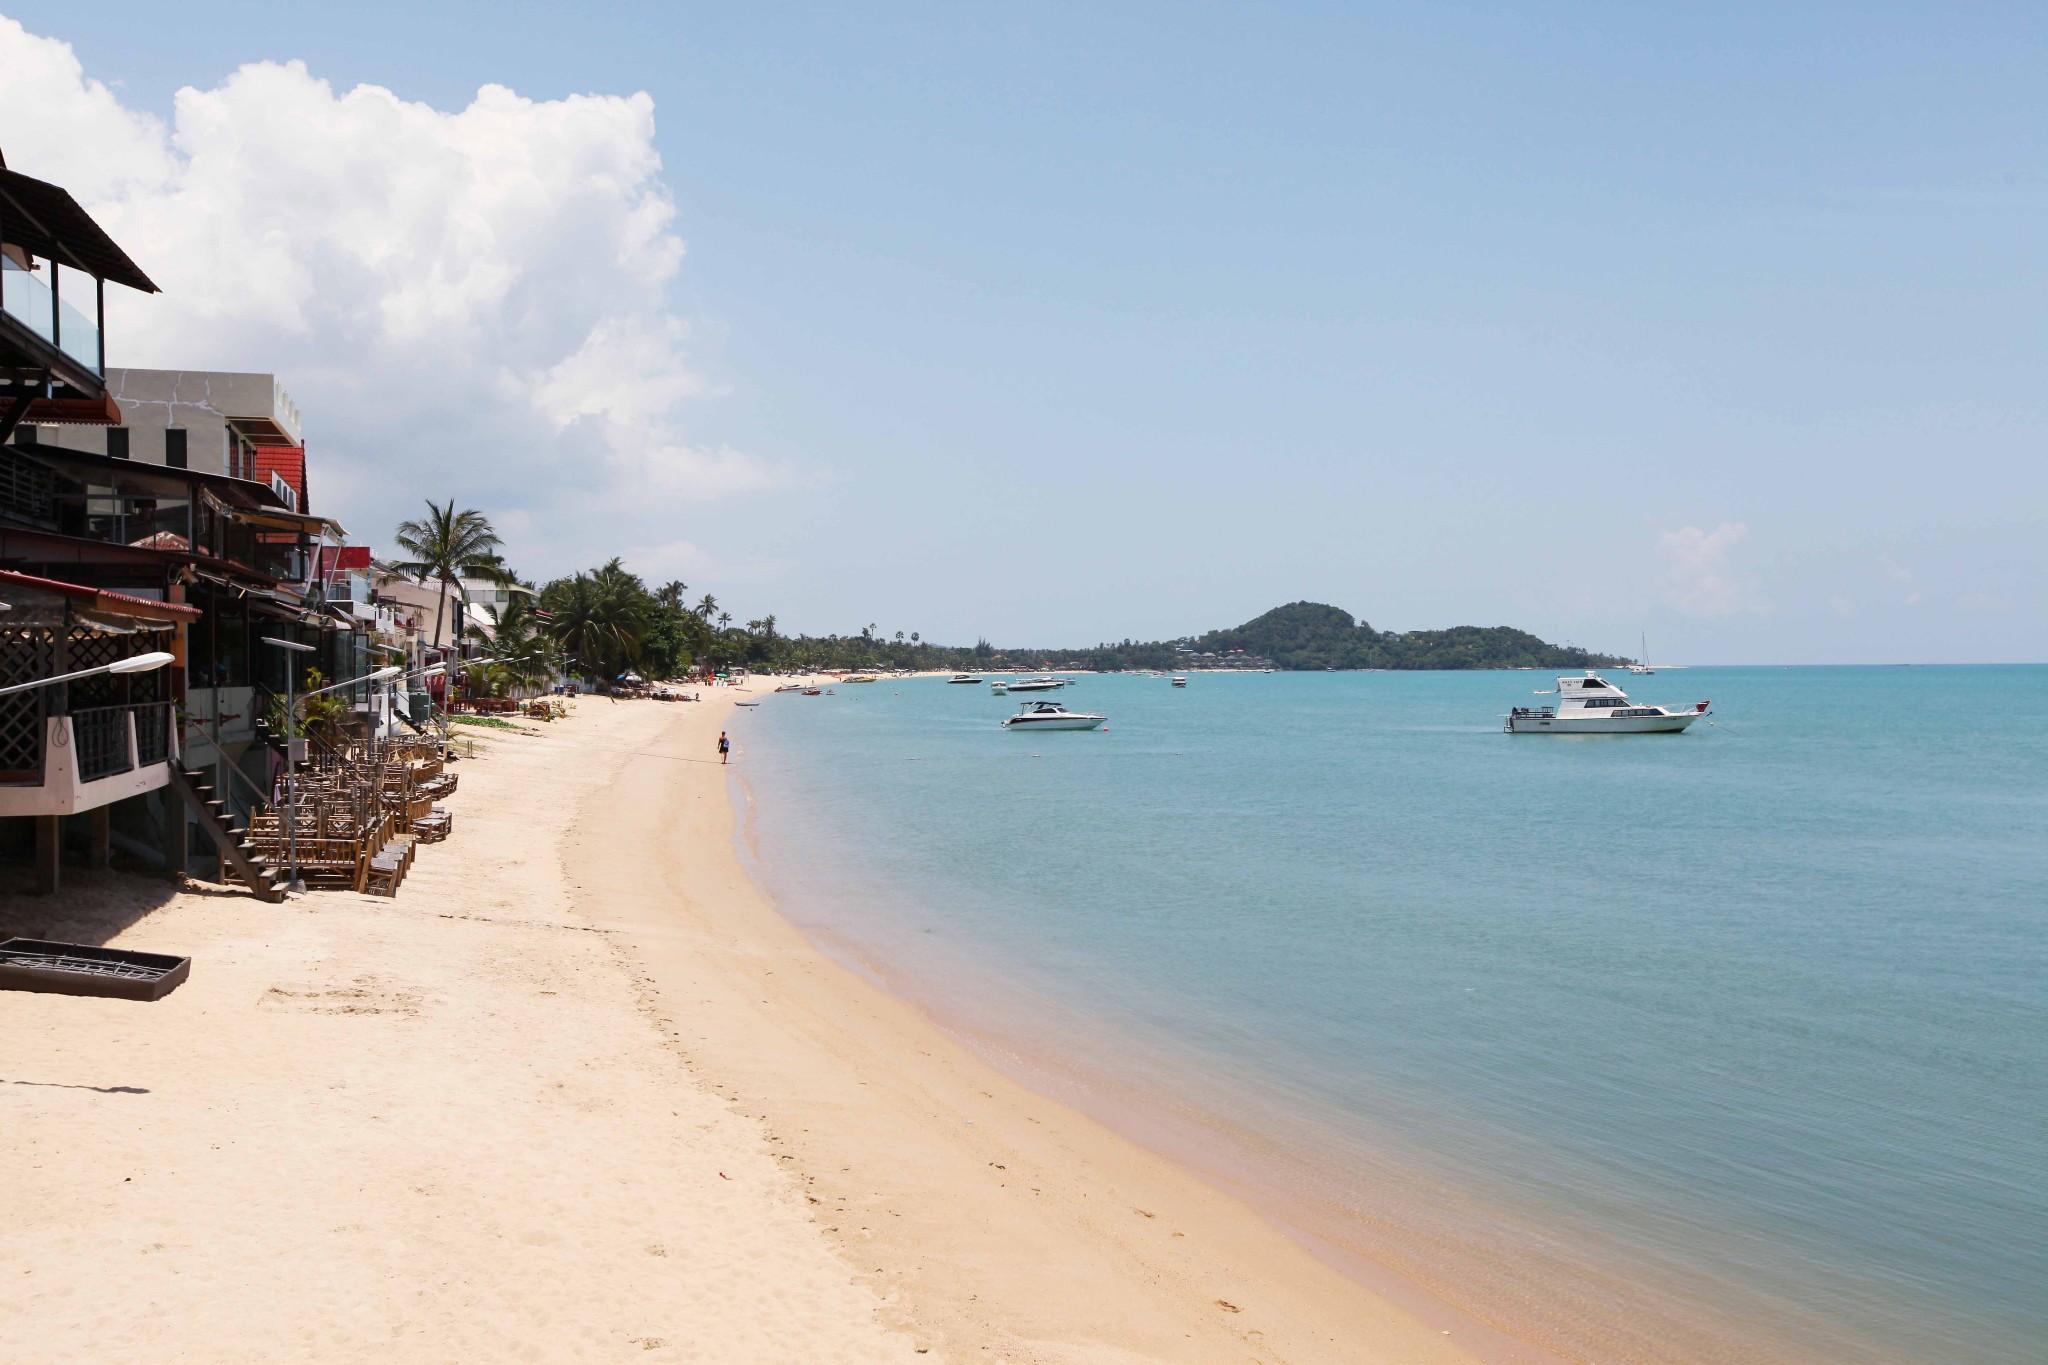 泰国景点推荐 位于泰国湾的苏梅岛是全国第三大岛,面积247平方公里